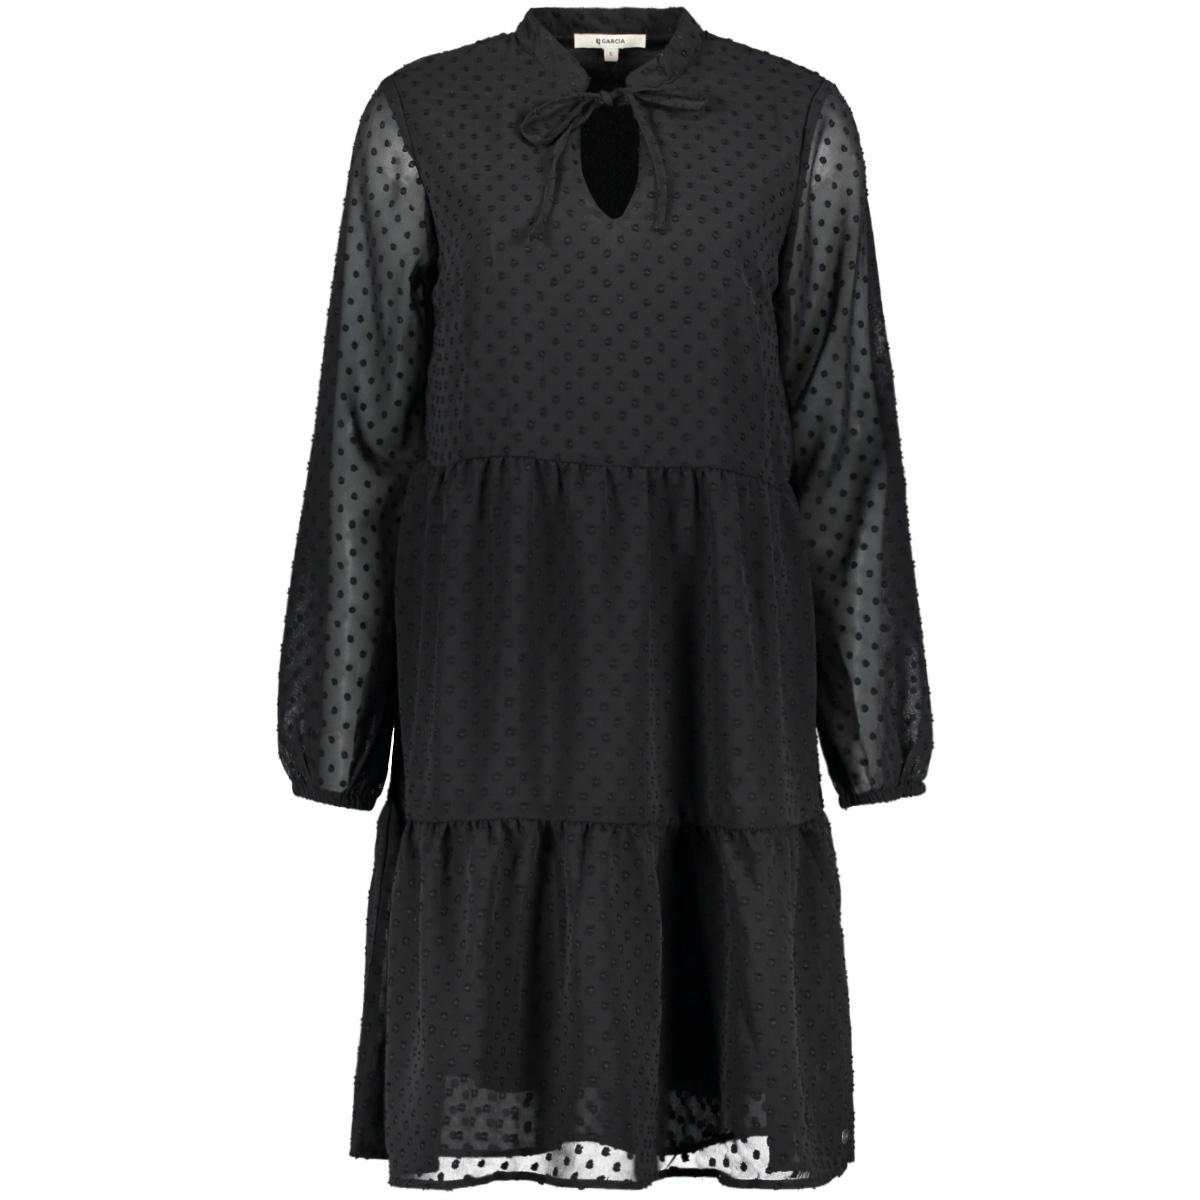 jurk met doorzichtige mouwen ge000306 garcia jurk 60 black